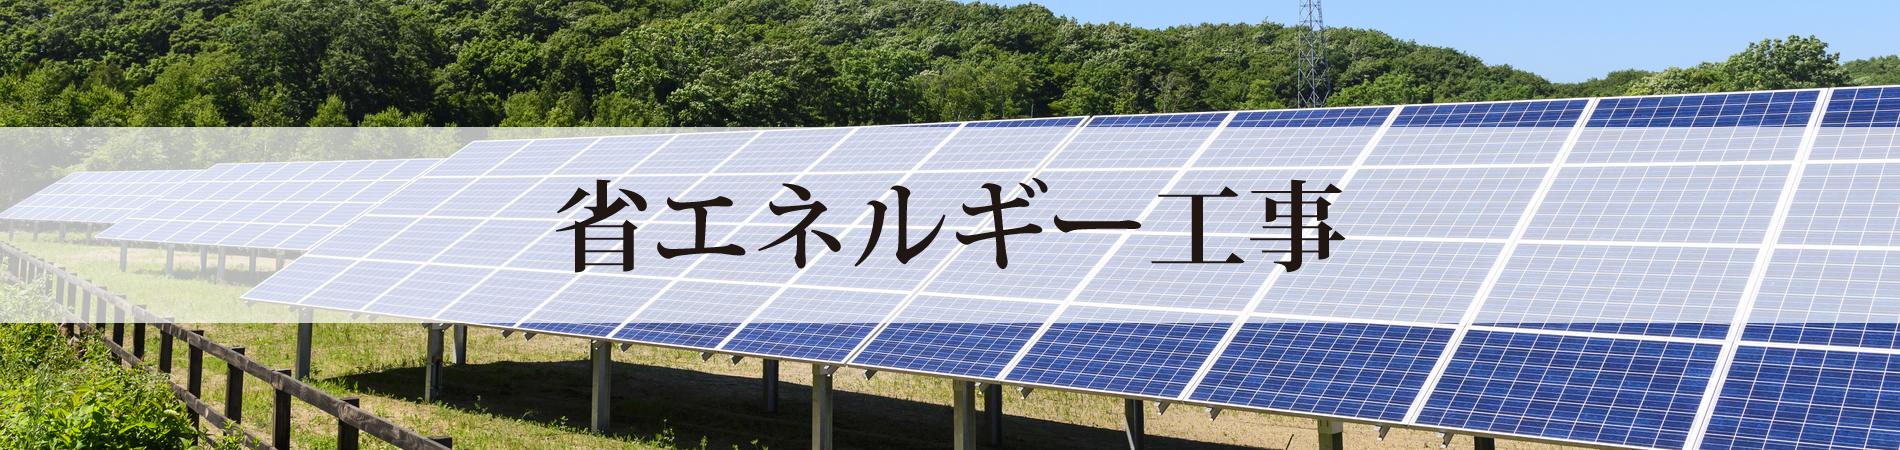 省エネルギー工事